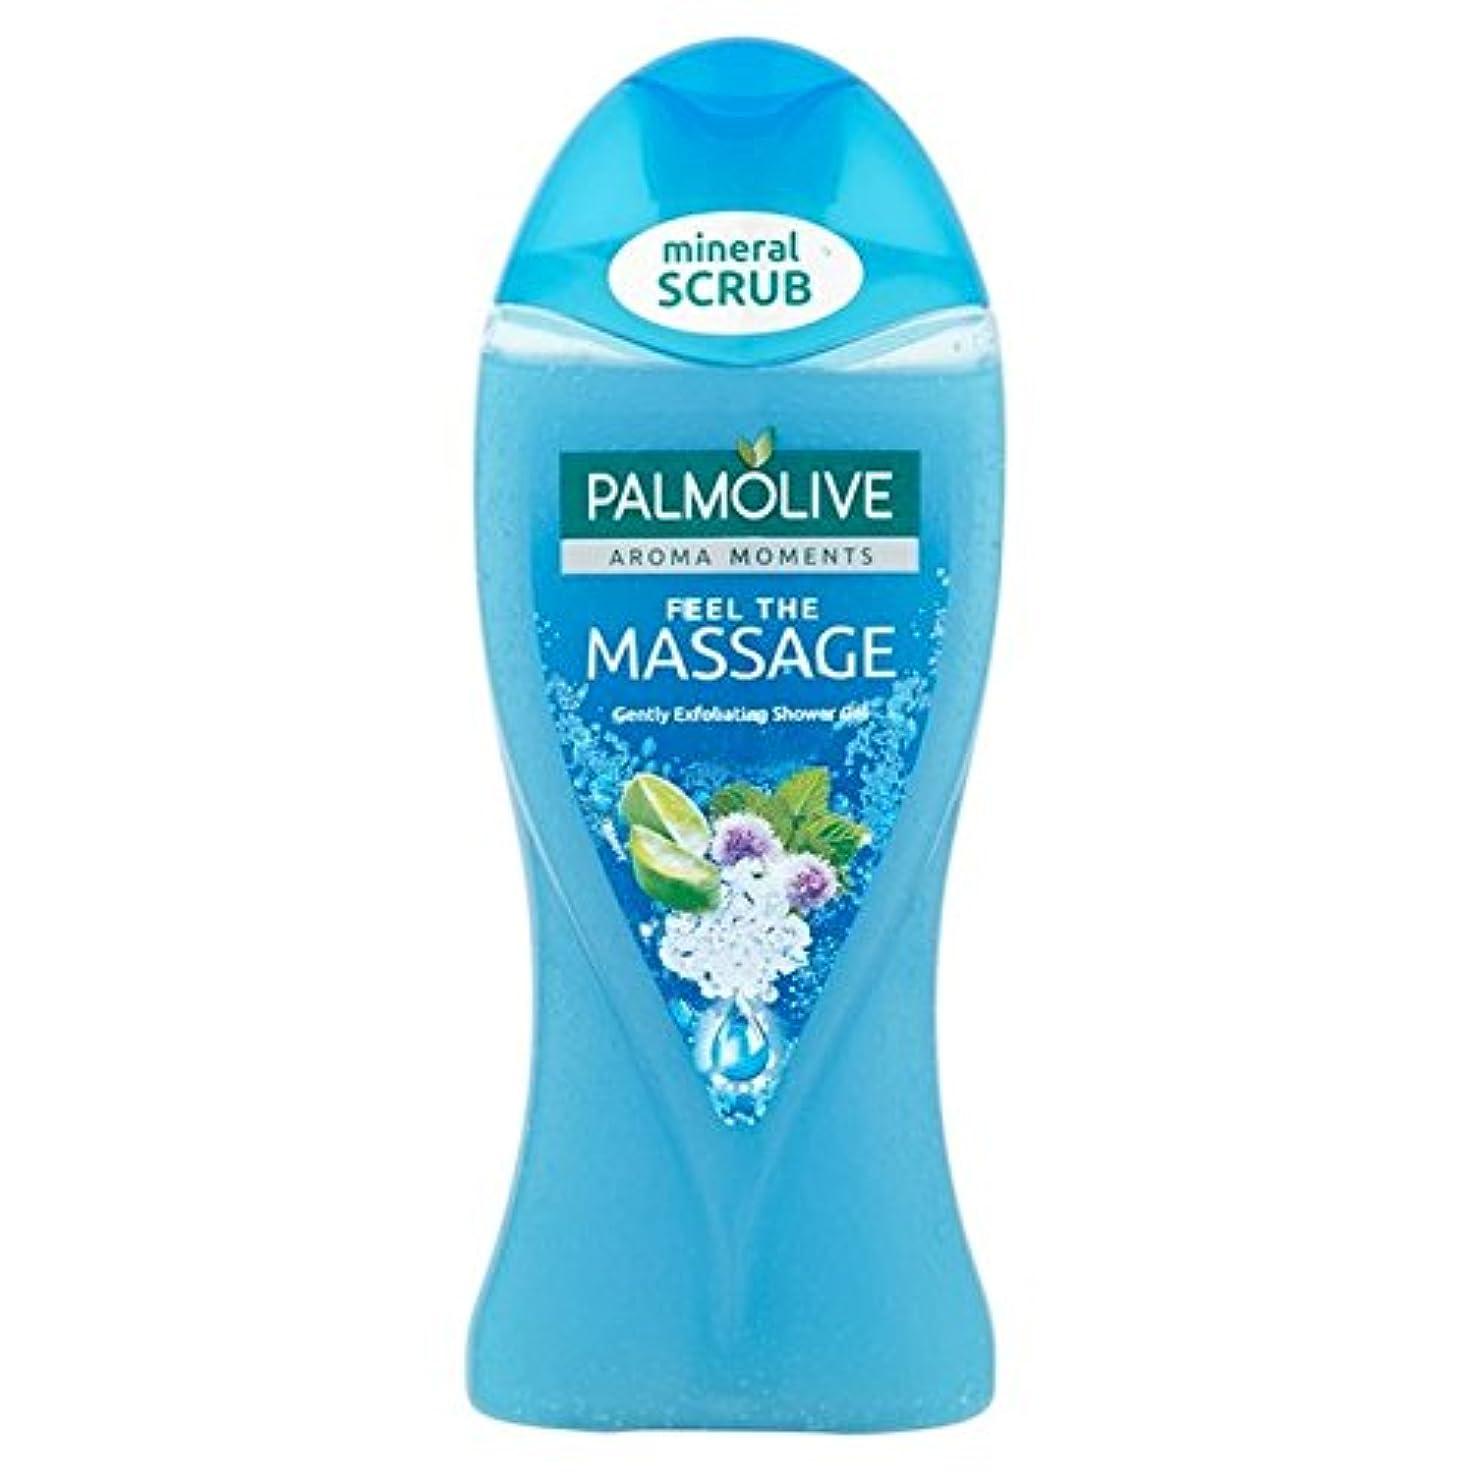 非効率的なネーピア規制パルモシャワージェルマッサージ250ミリリットル x2 - Palmolive Shower Gel Massage 250ml (Pack of 2) [並行輸入品]